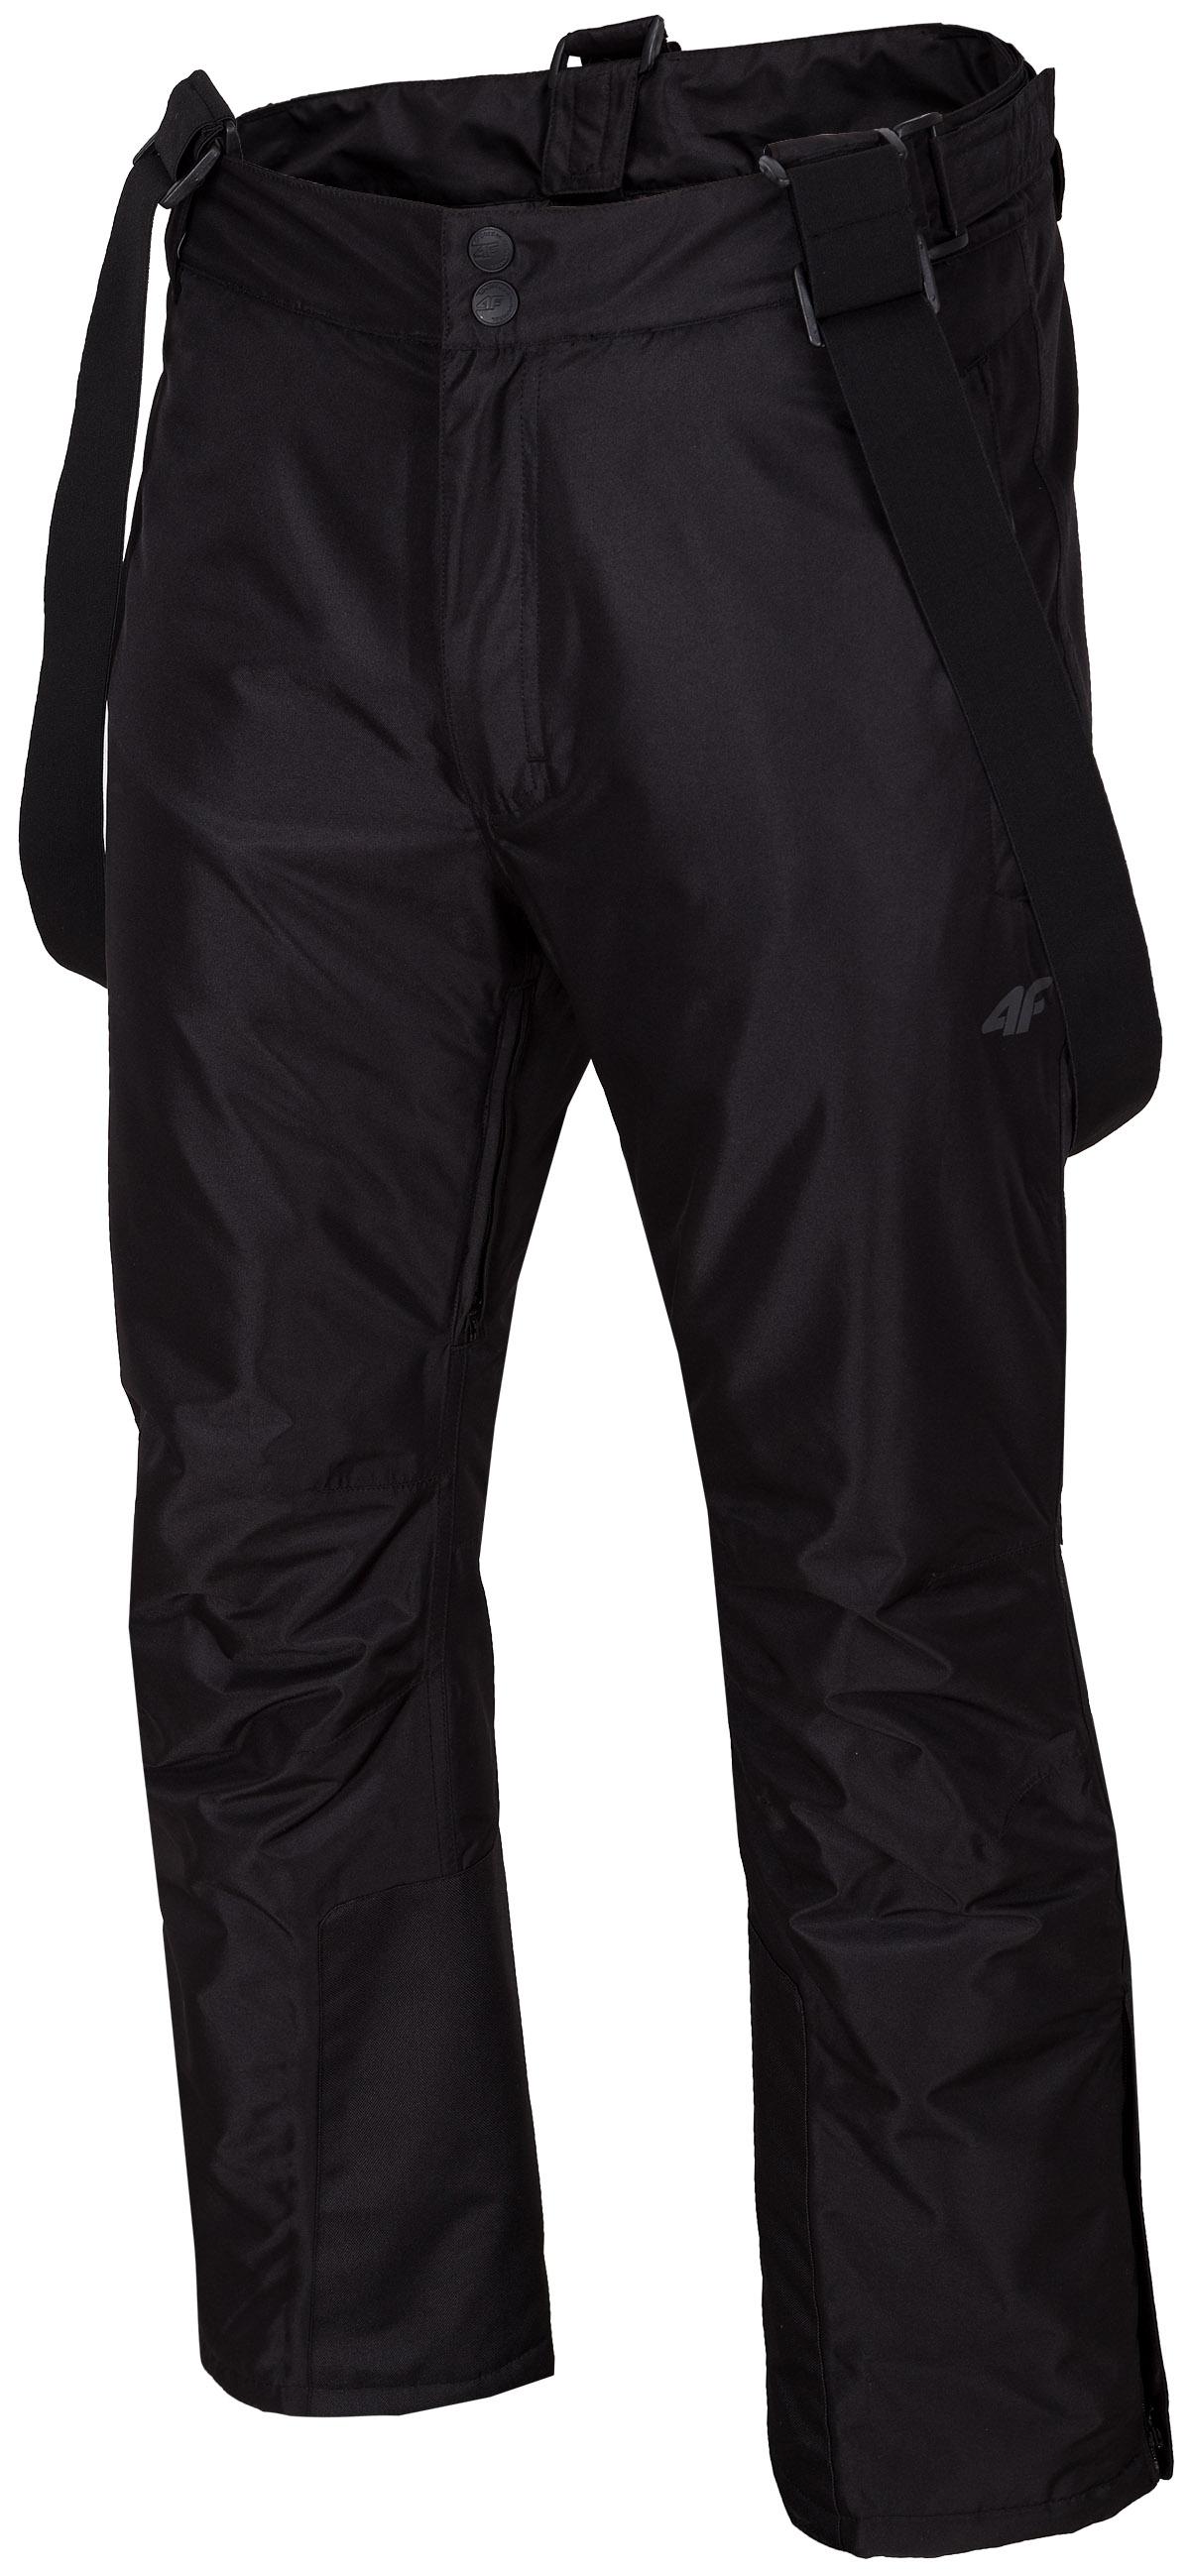 Imagine  Pantaloni De Schi Pentru Barbati Spmn350 Negru Profund